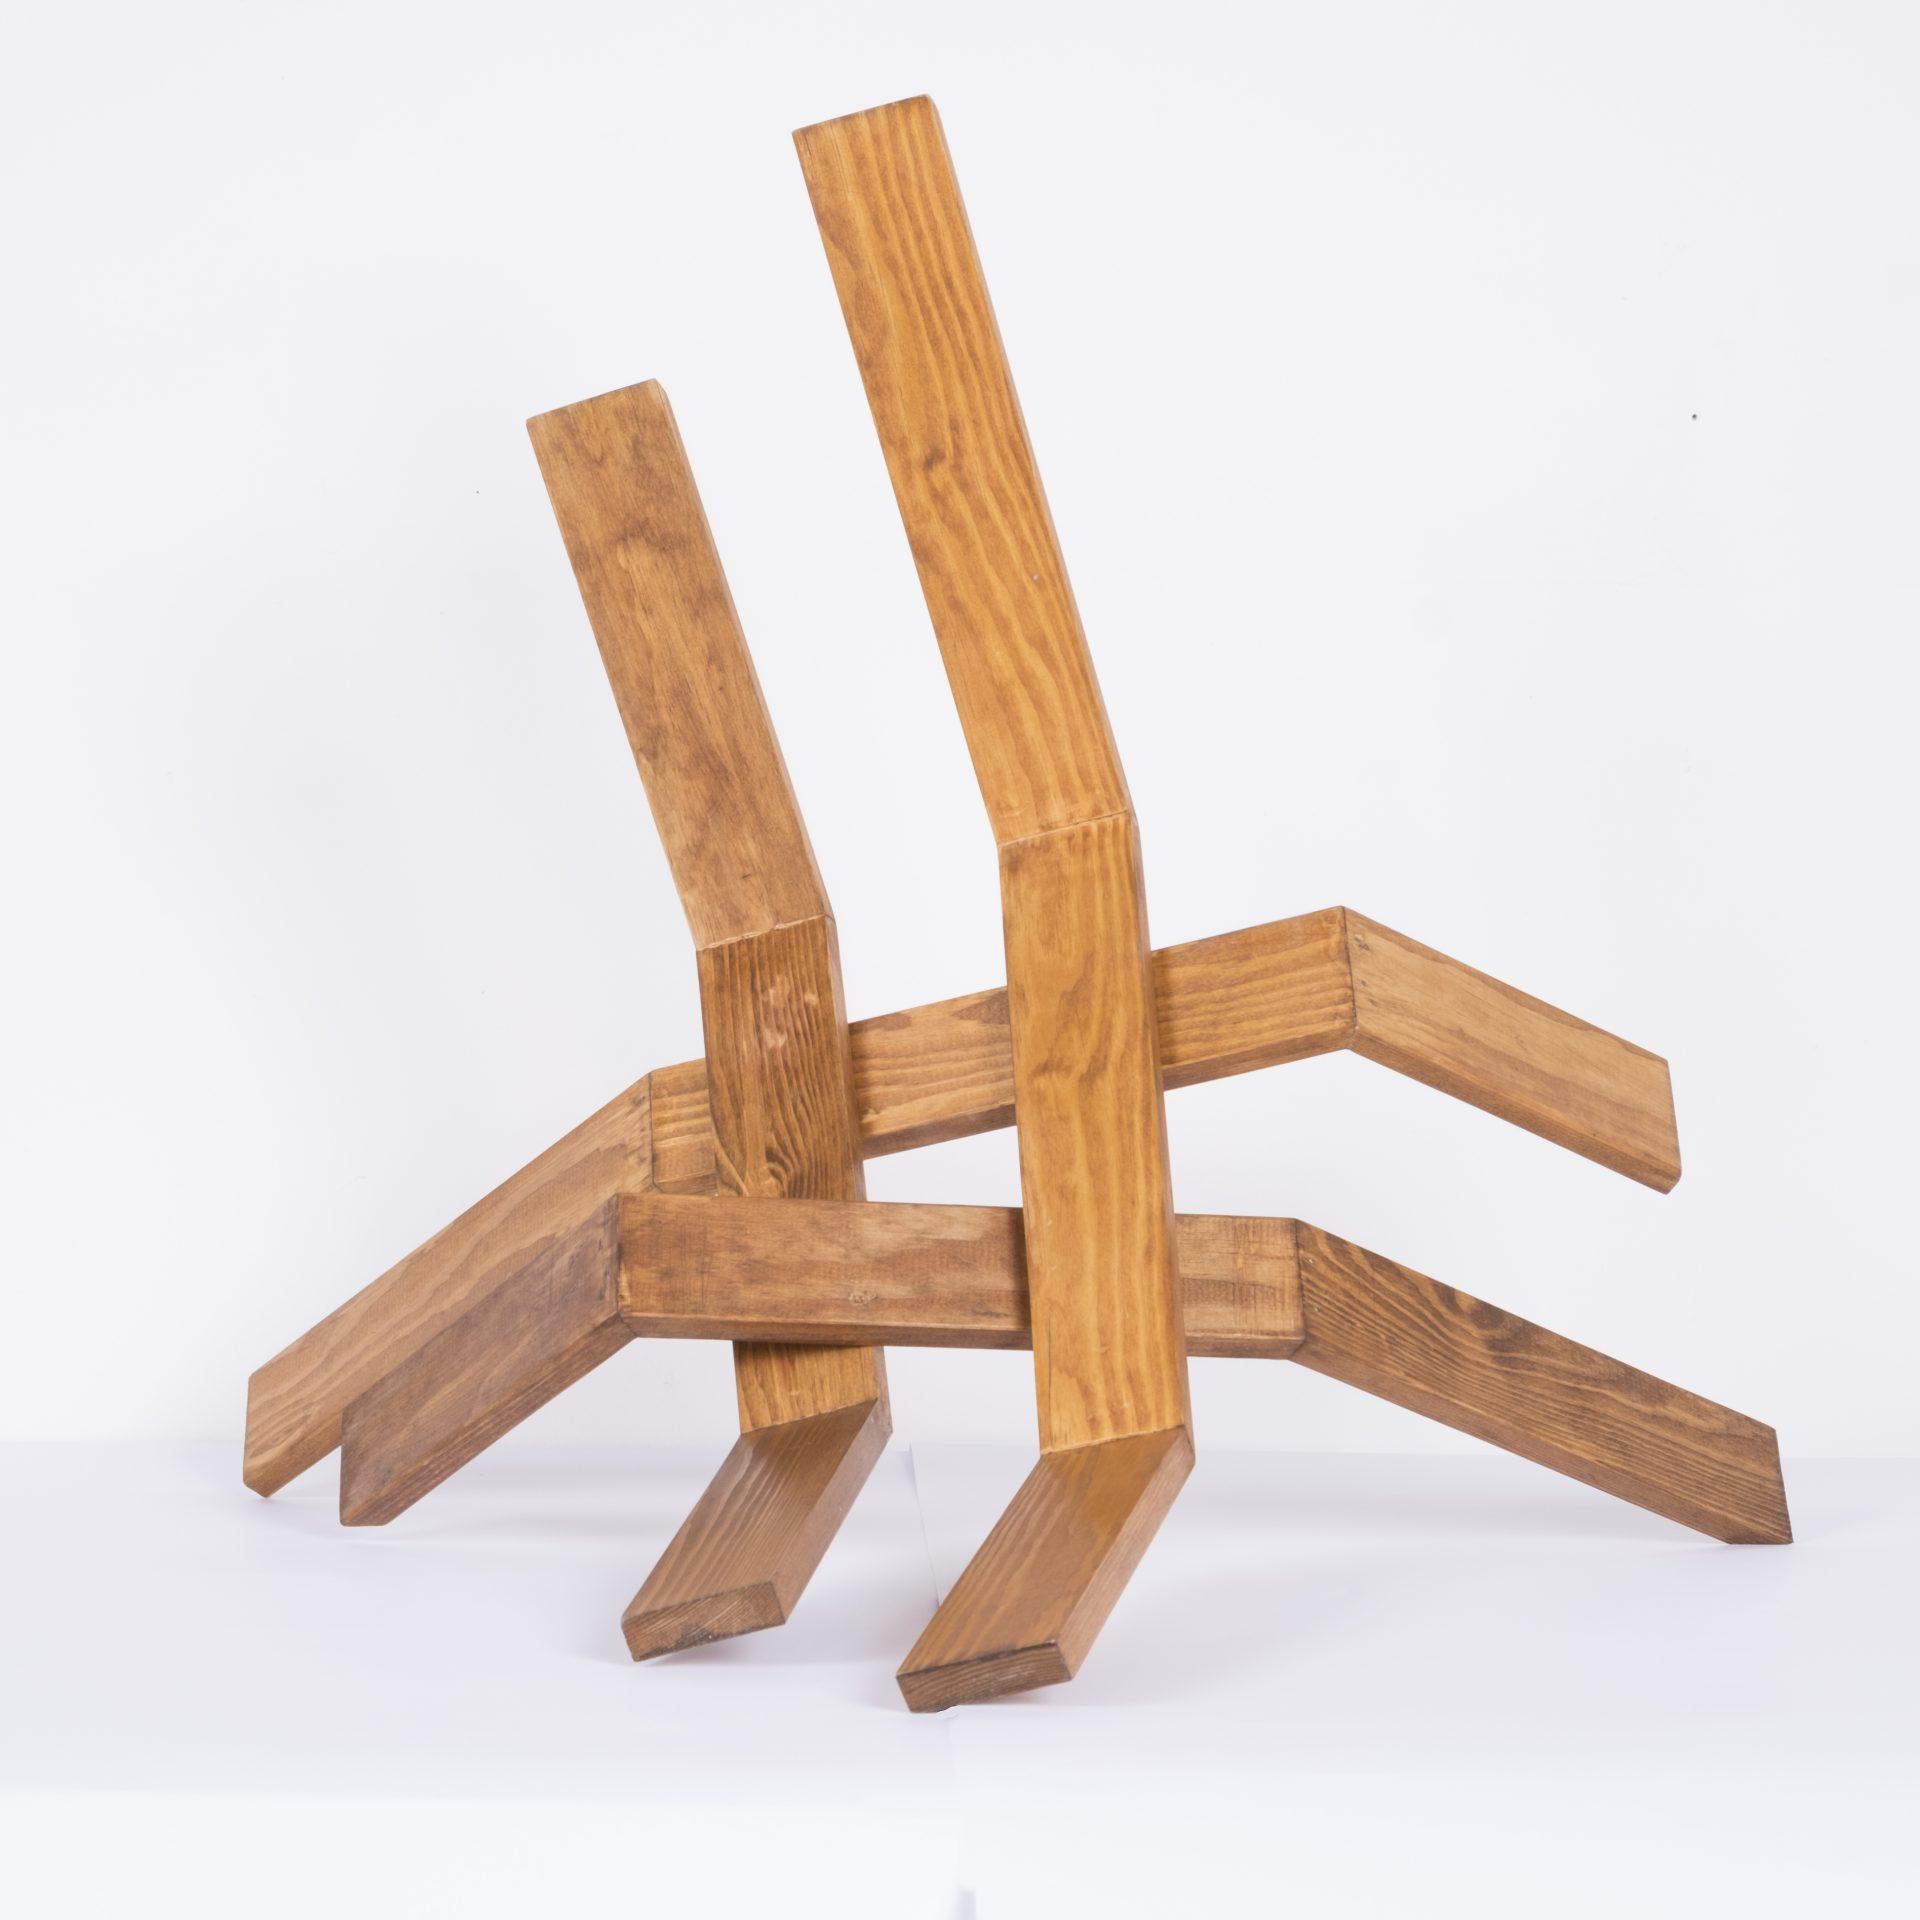 Unlimited in Dynamo<br>RMR15<br>misure: circa 50 x 50 cm<br>tecnica: legno <br>anno: 2018<br>